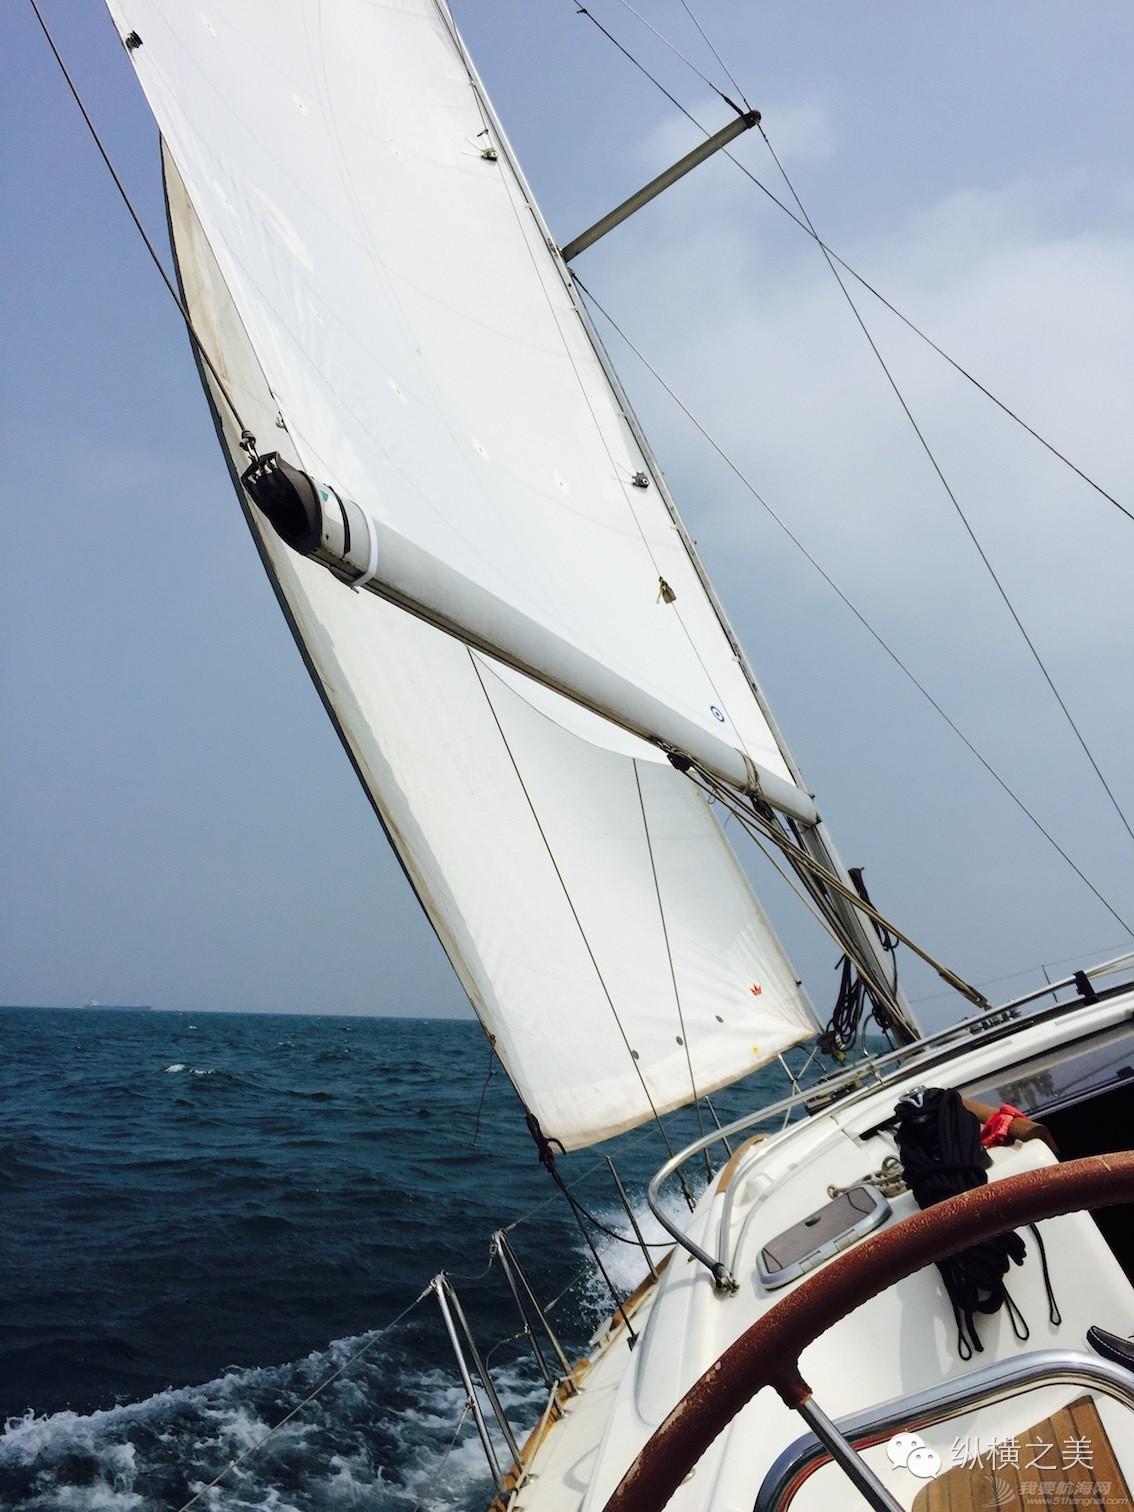 当船身在剧烈摇晃,我用最后一格电,记录下此刻所想 55ea10096e05bfddc9f2a7c32119adb4.jpg